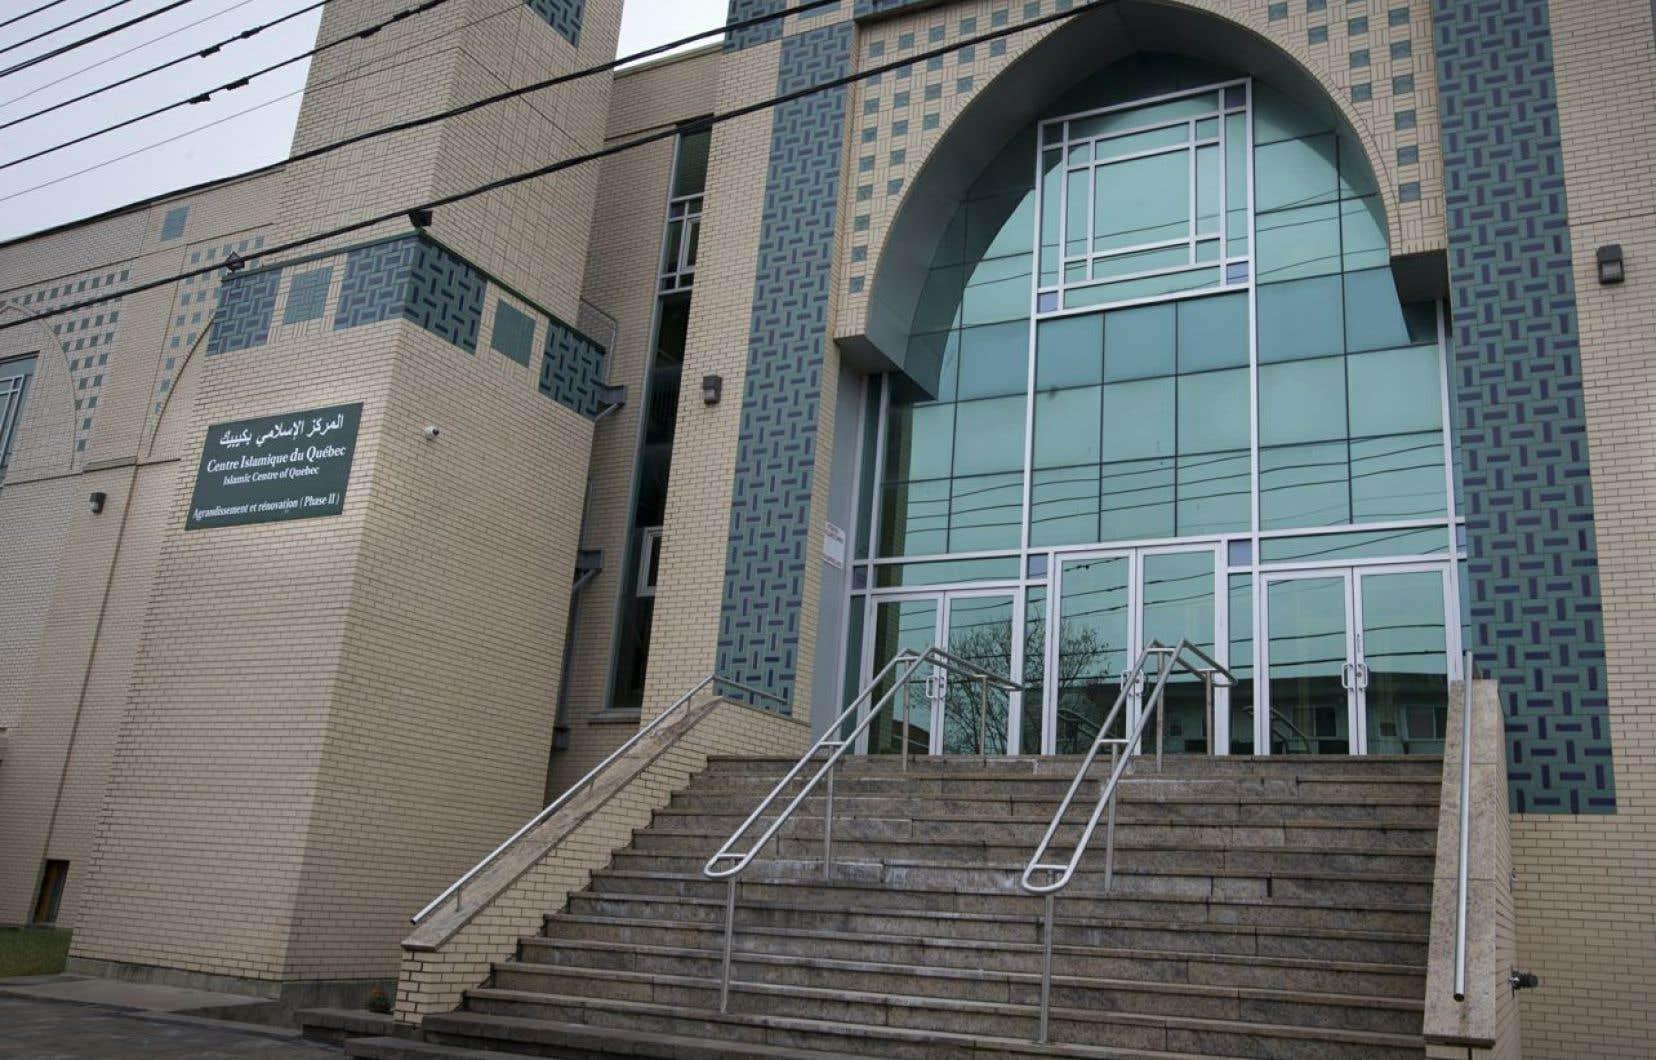 Dimanche, dans les mosquées de Montréal, des bénévoles seront à la disposition des visiteurs pour répondre à leurs questions et pour échanger.